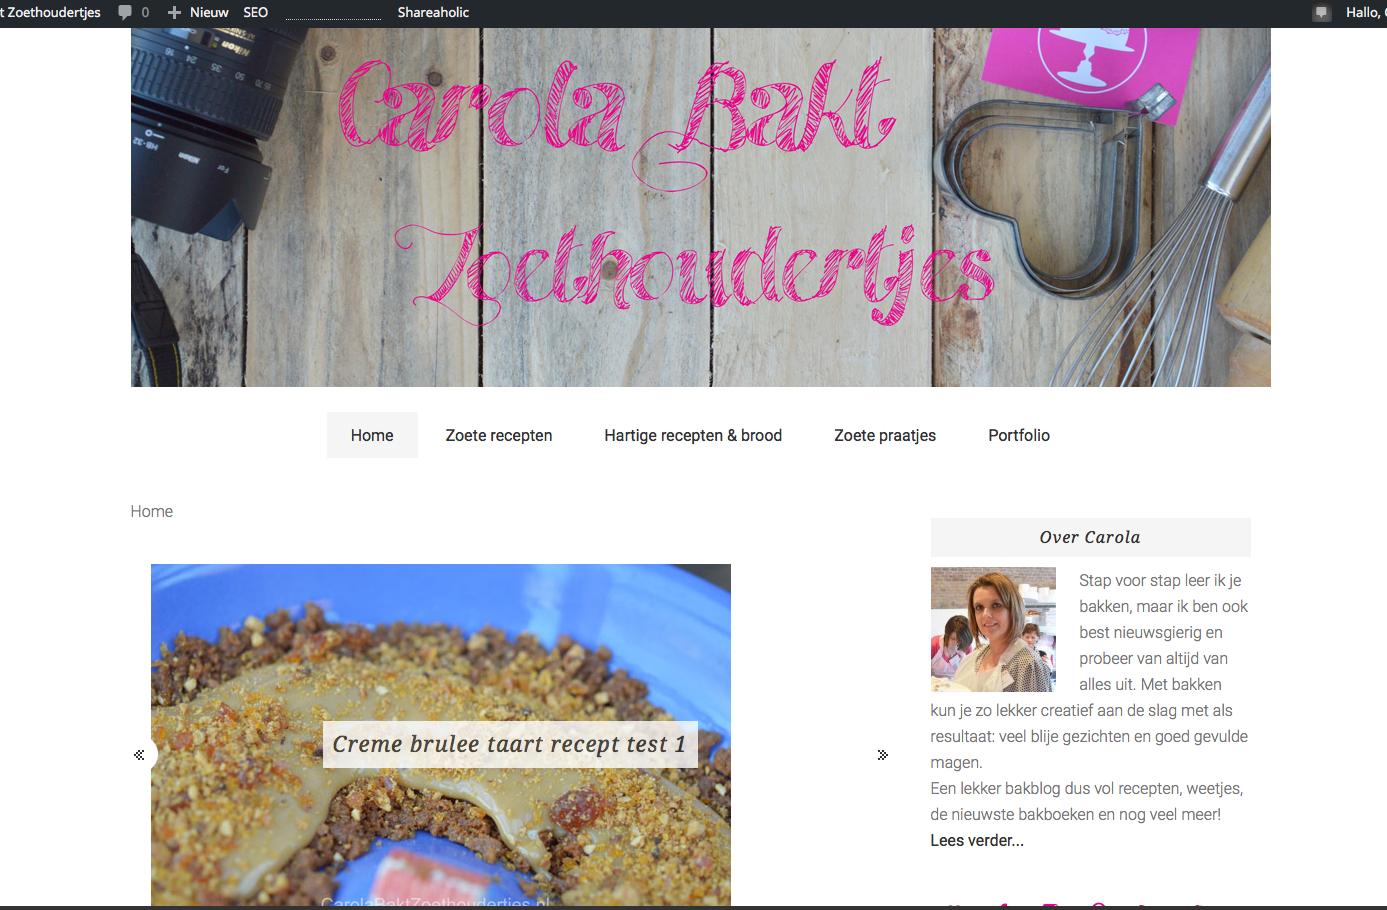 Preview: De nieuwe website is bijna klaar, nog even geduld